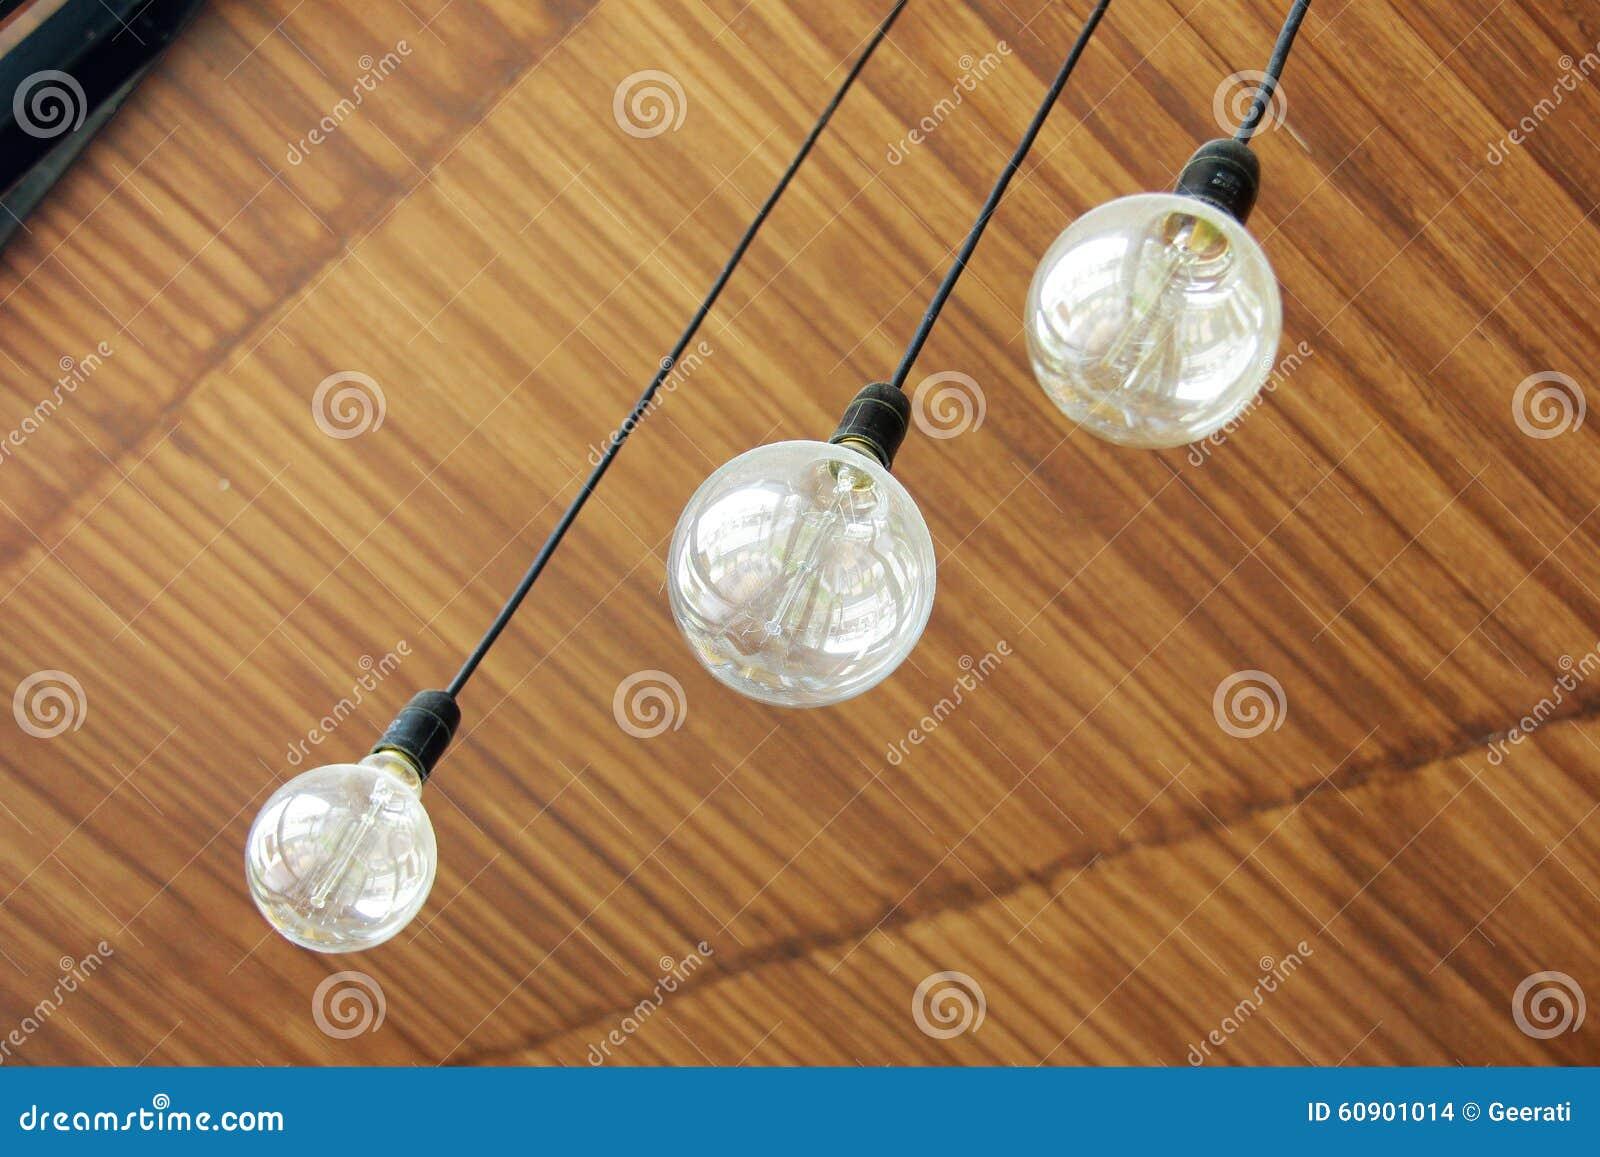 Drei retro lampen die von der decke hängen stockfoto